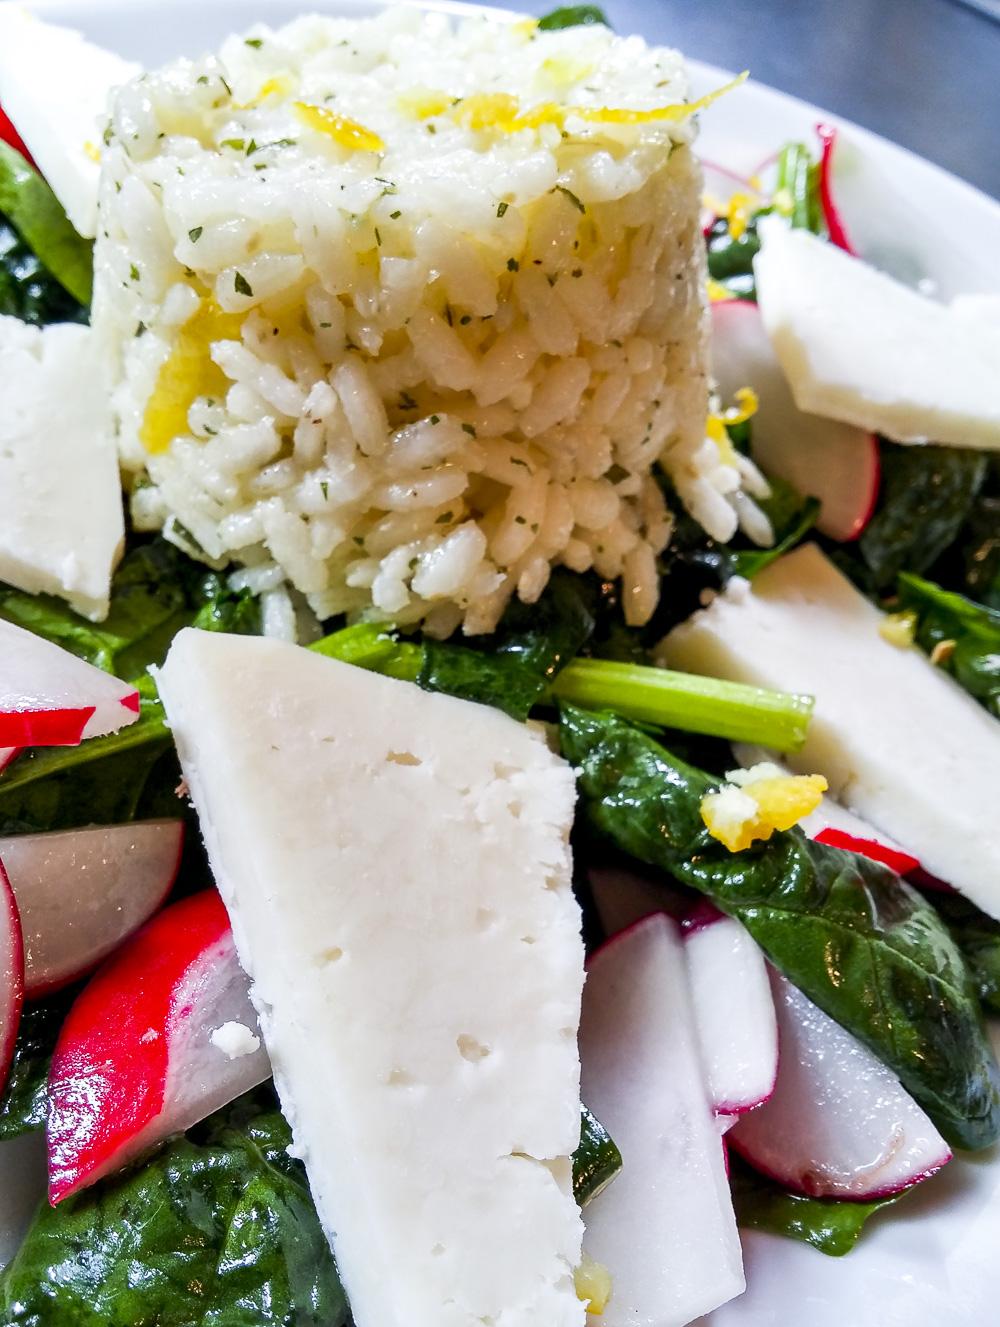 pranzi da ufficio insalata di spinaci caprino riso